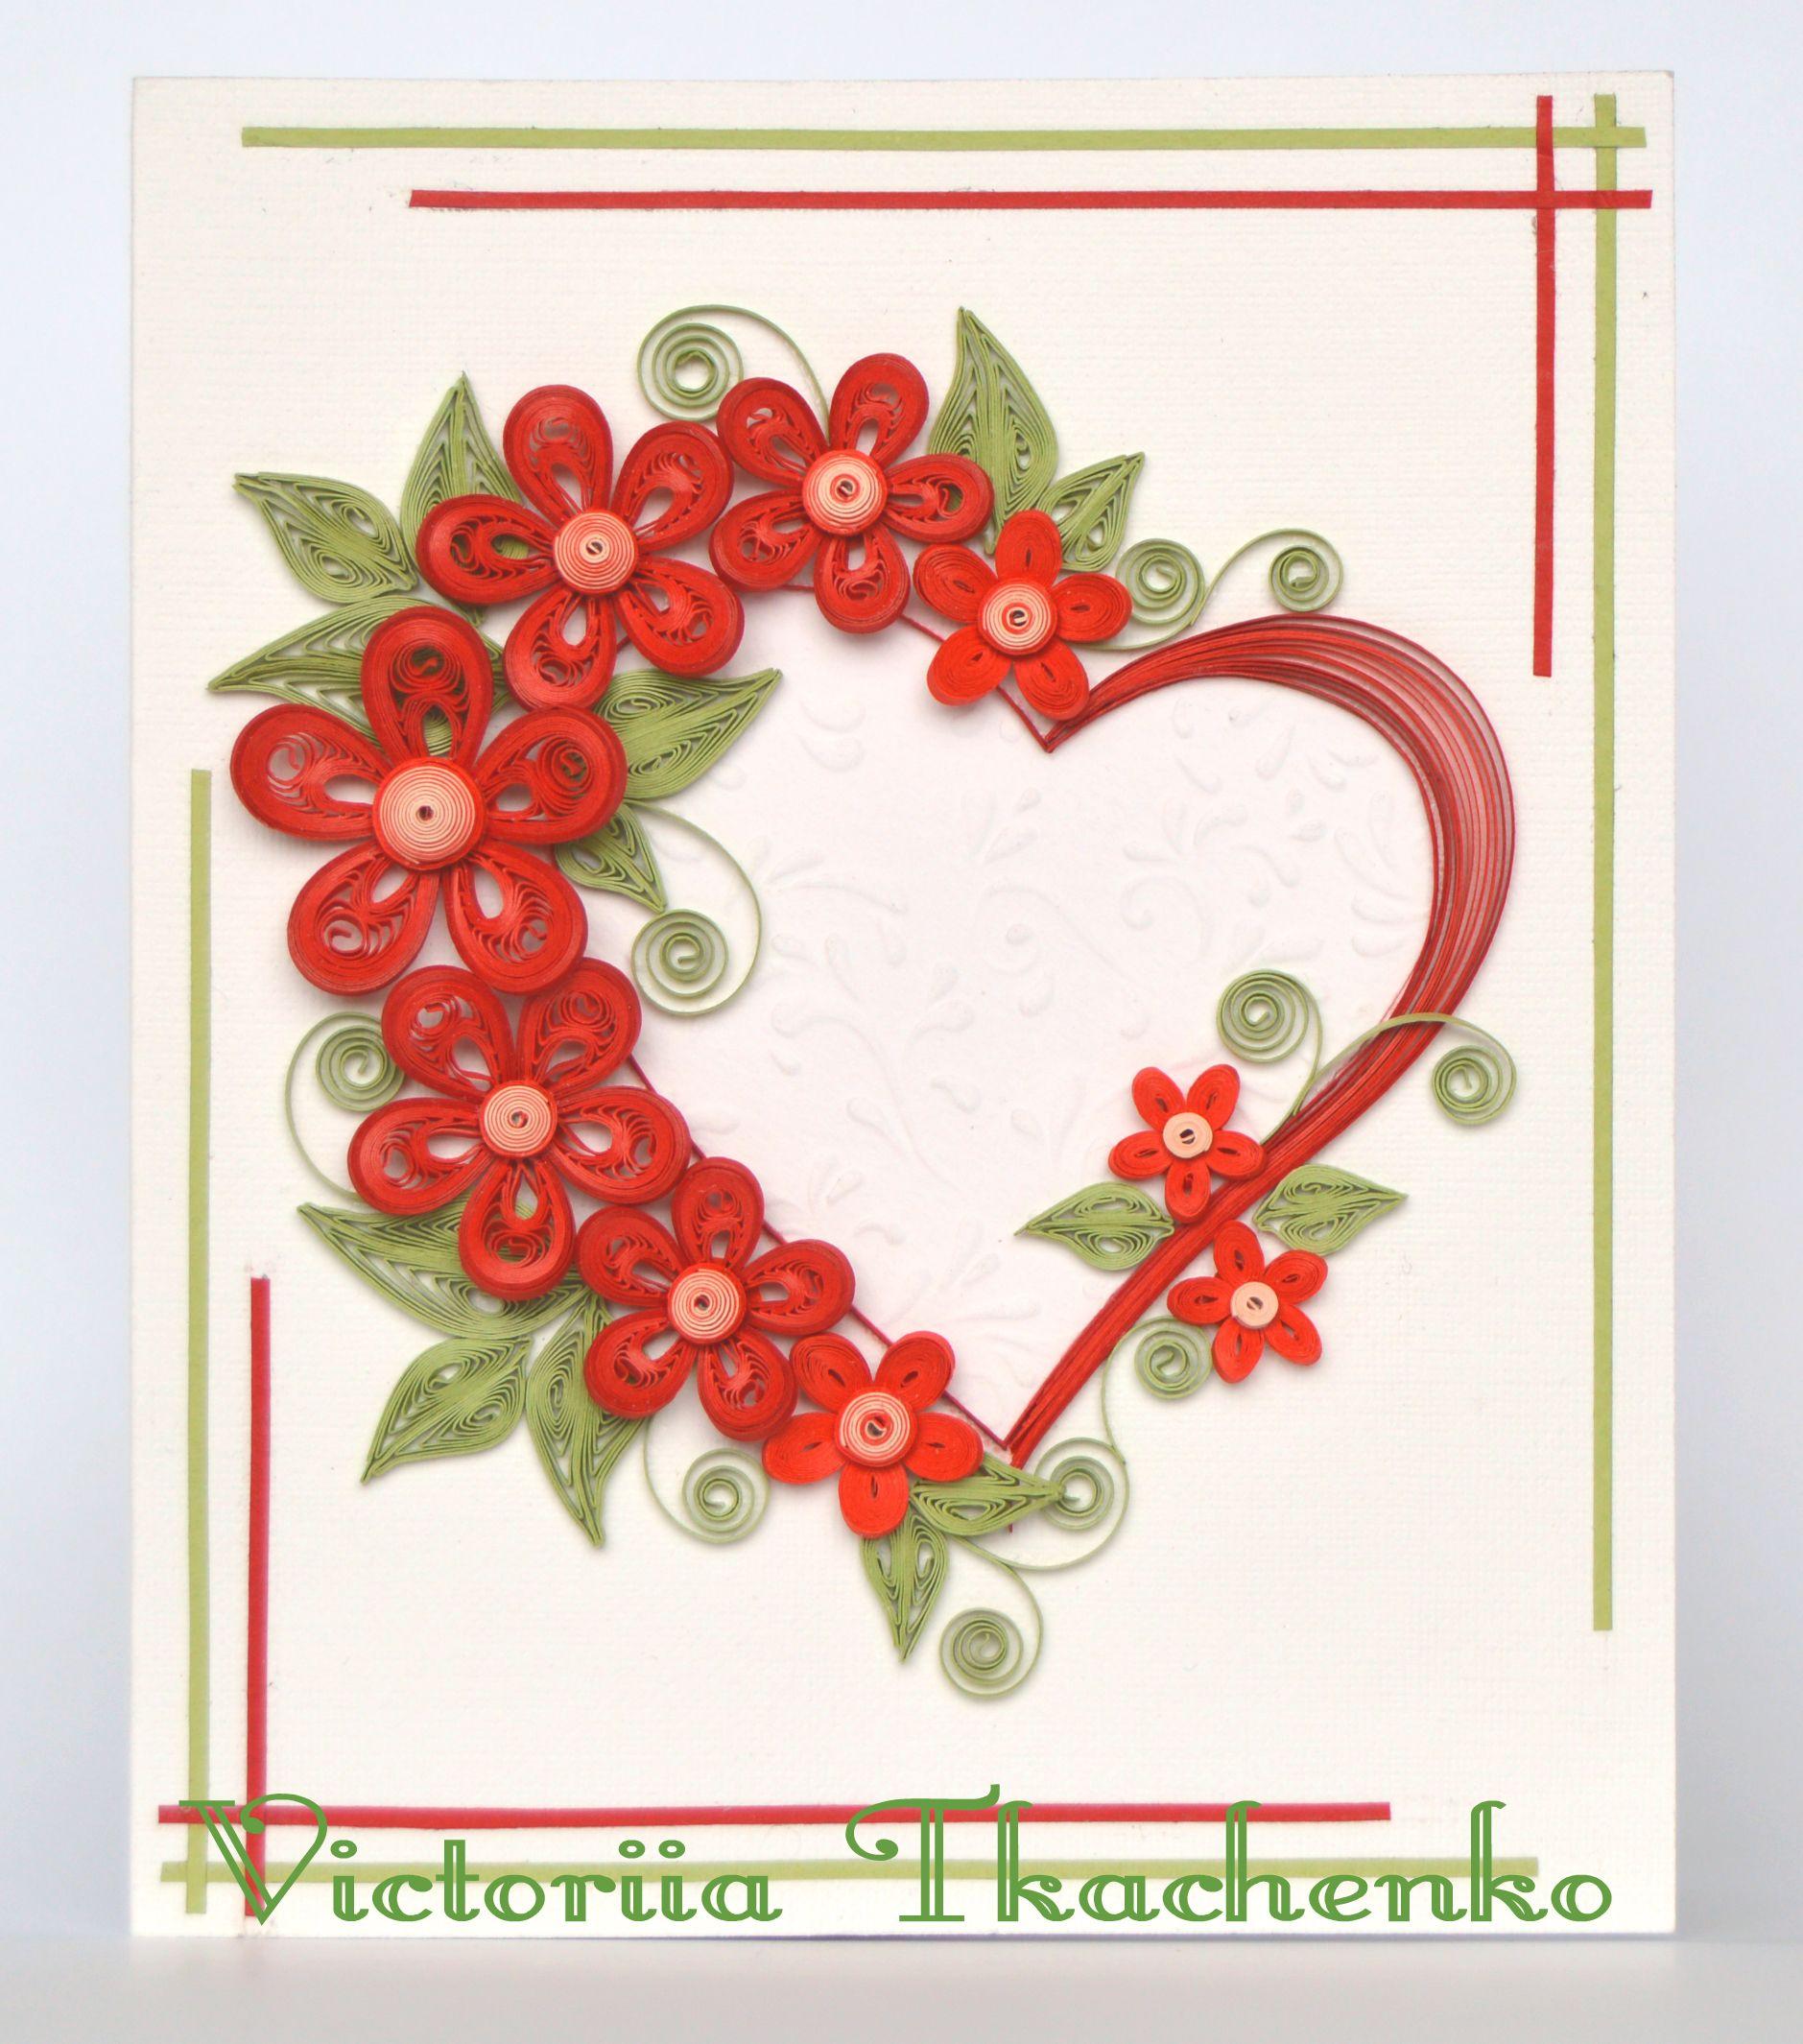 Exquisite Valentine Quilling Card Valentines Day quilling Card – Valentine Heart Card